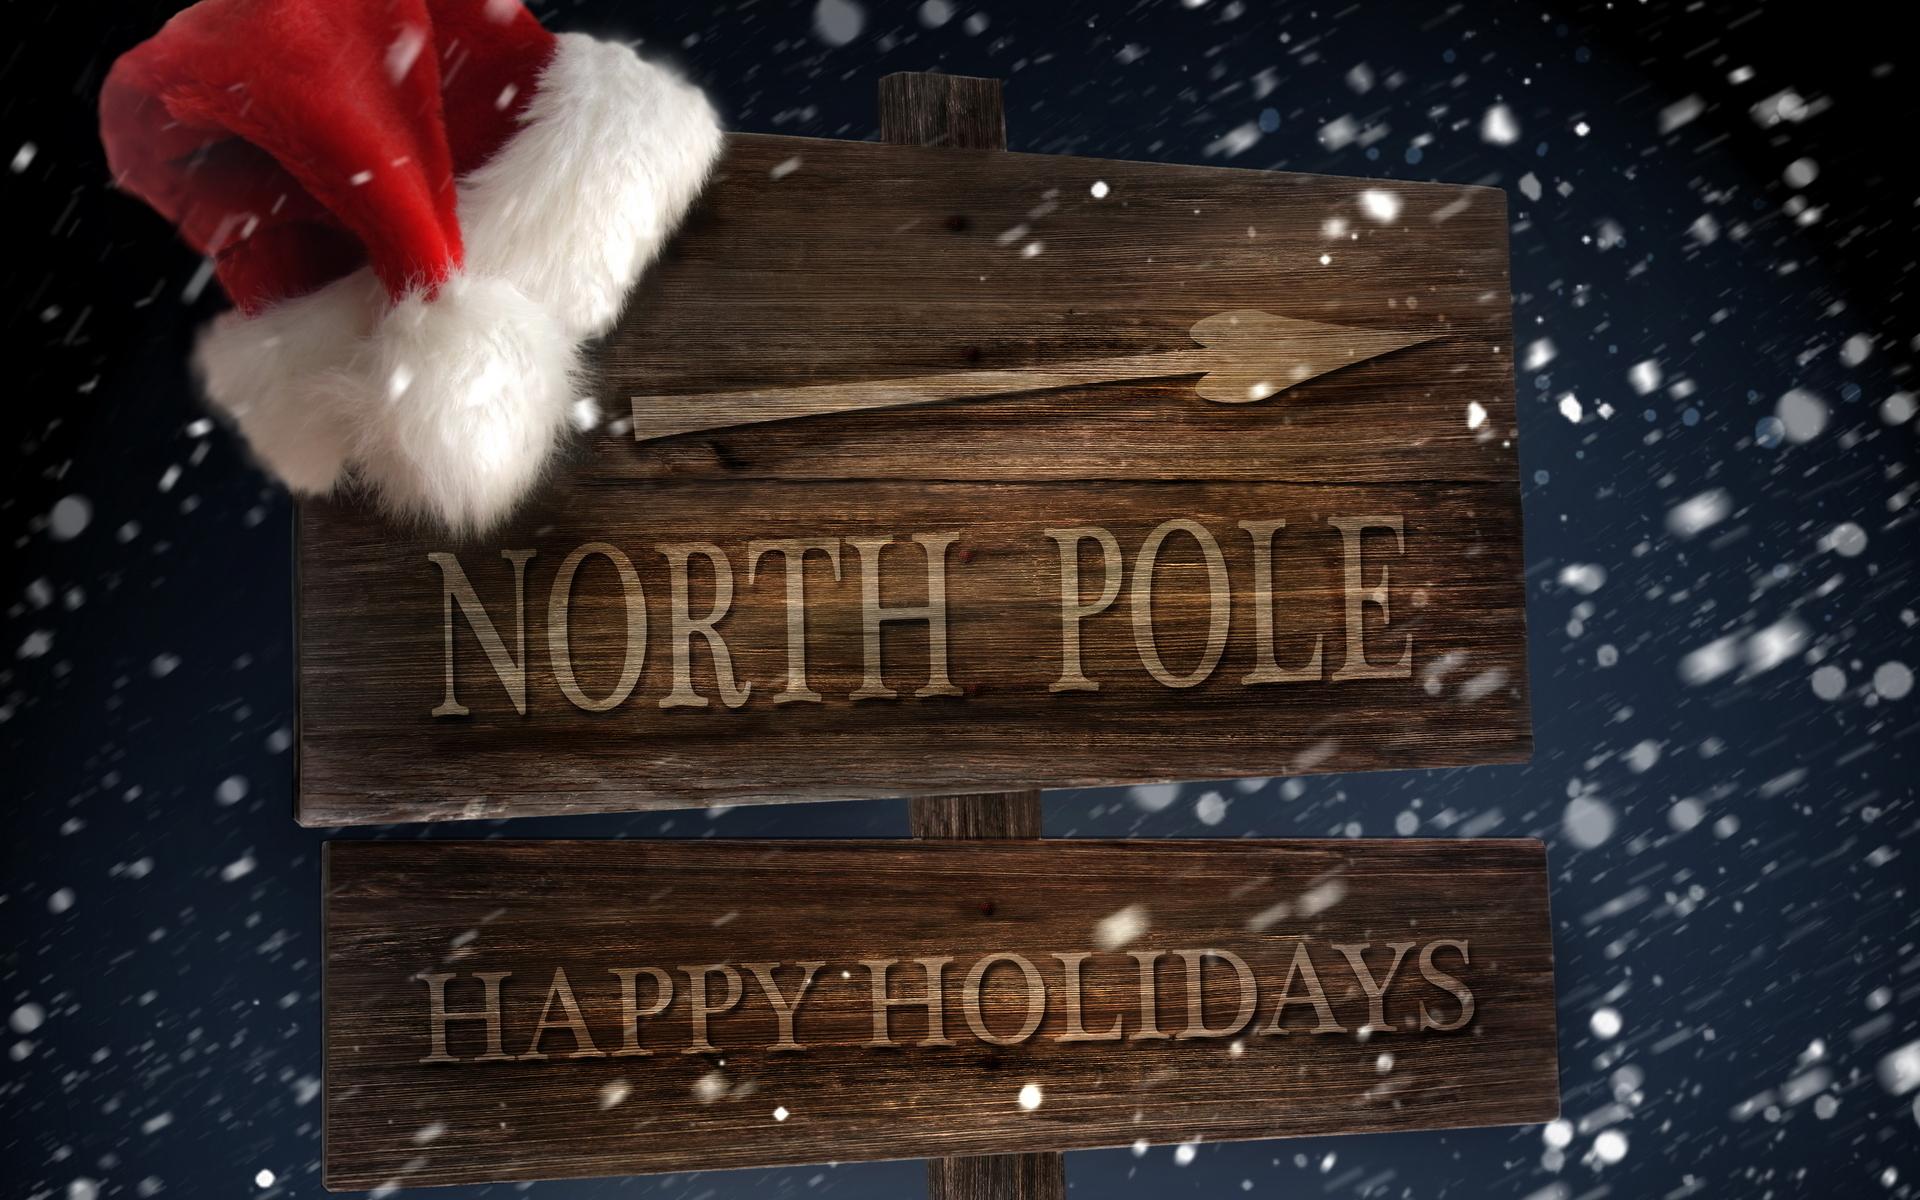 Северный Полюс - C Новым годом  2018 поздравительные картинки